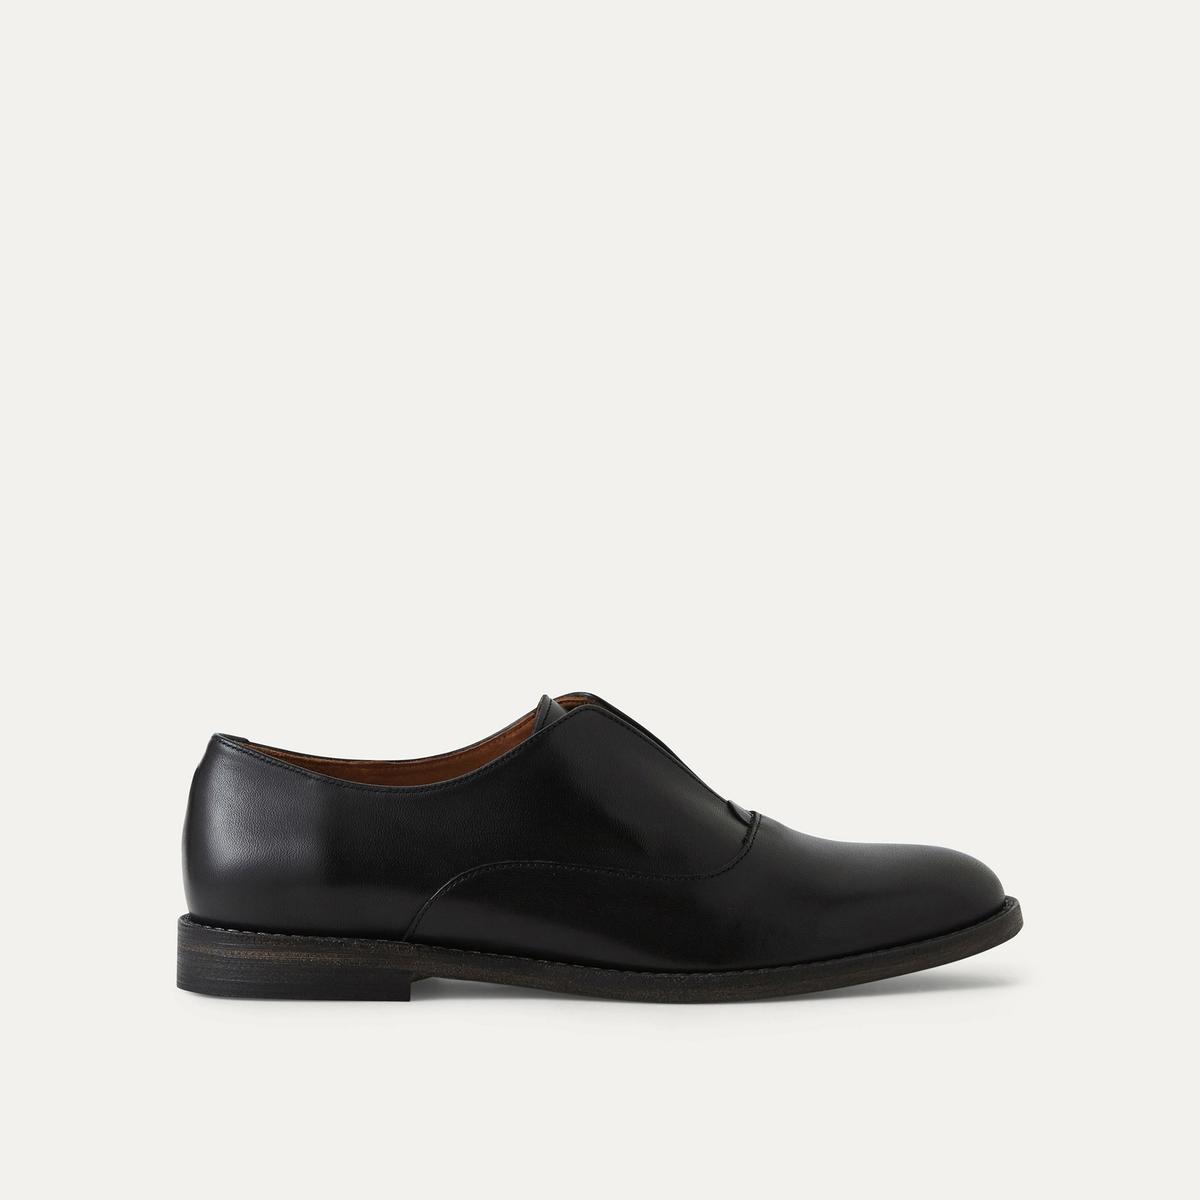 Ботинки-дерби кожаные ботинки дерби под кожу питона